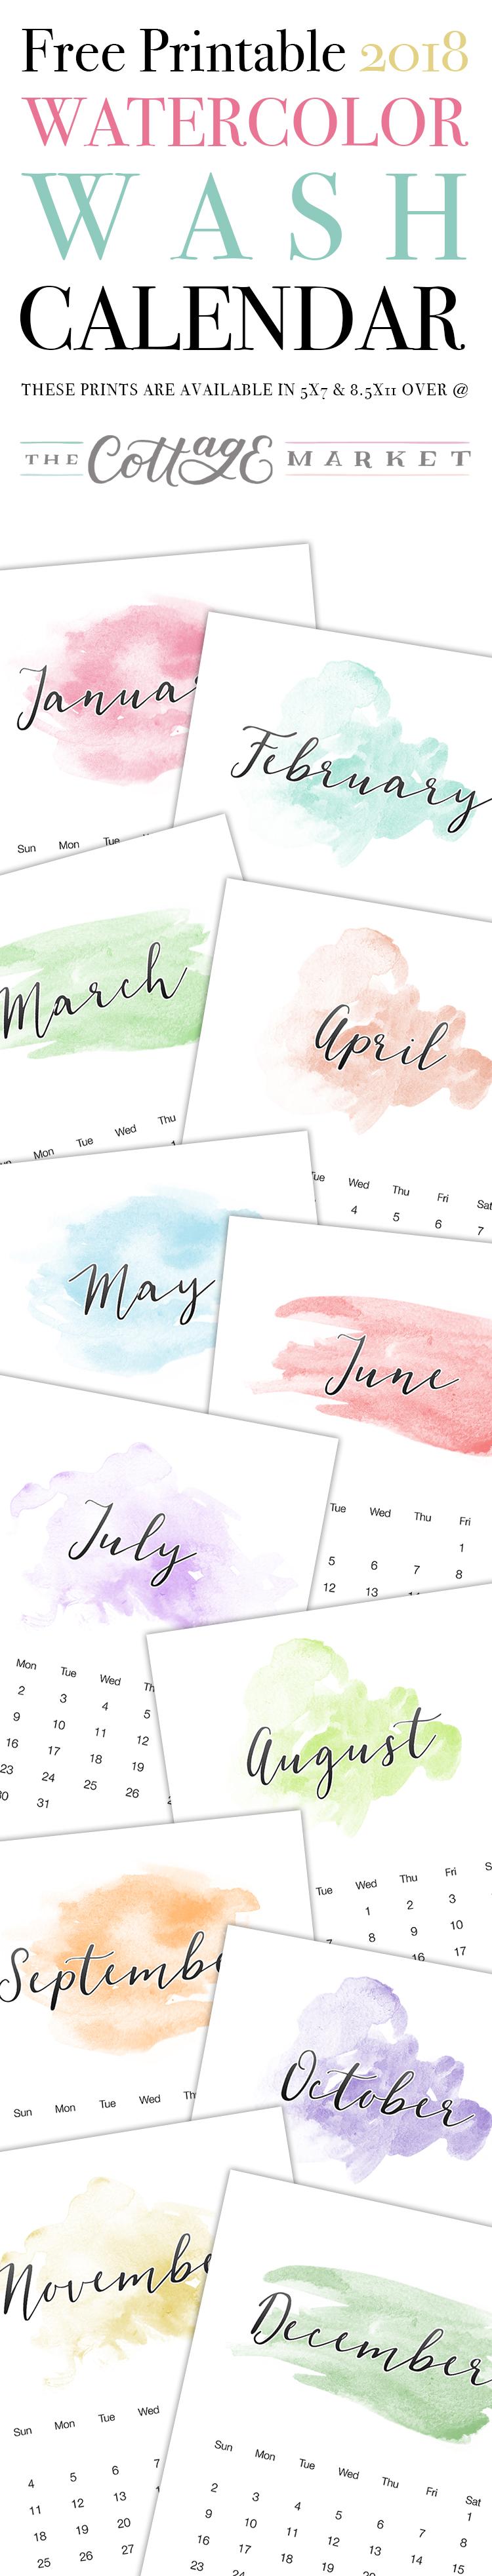 Watercolor Wash Printable Calendar